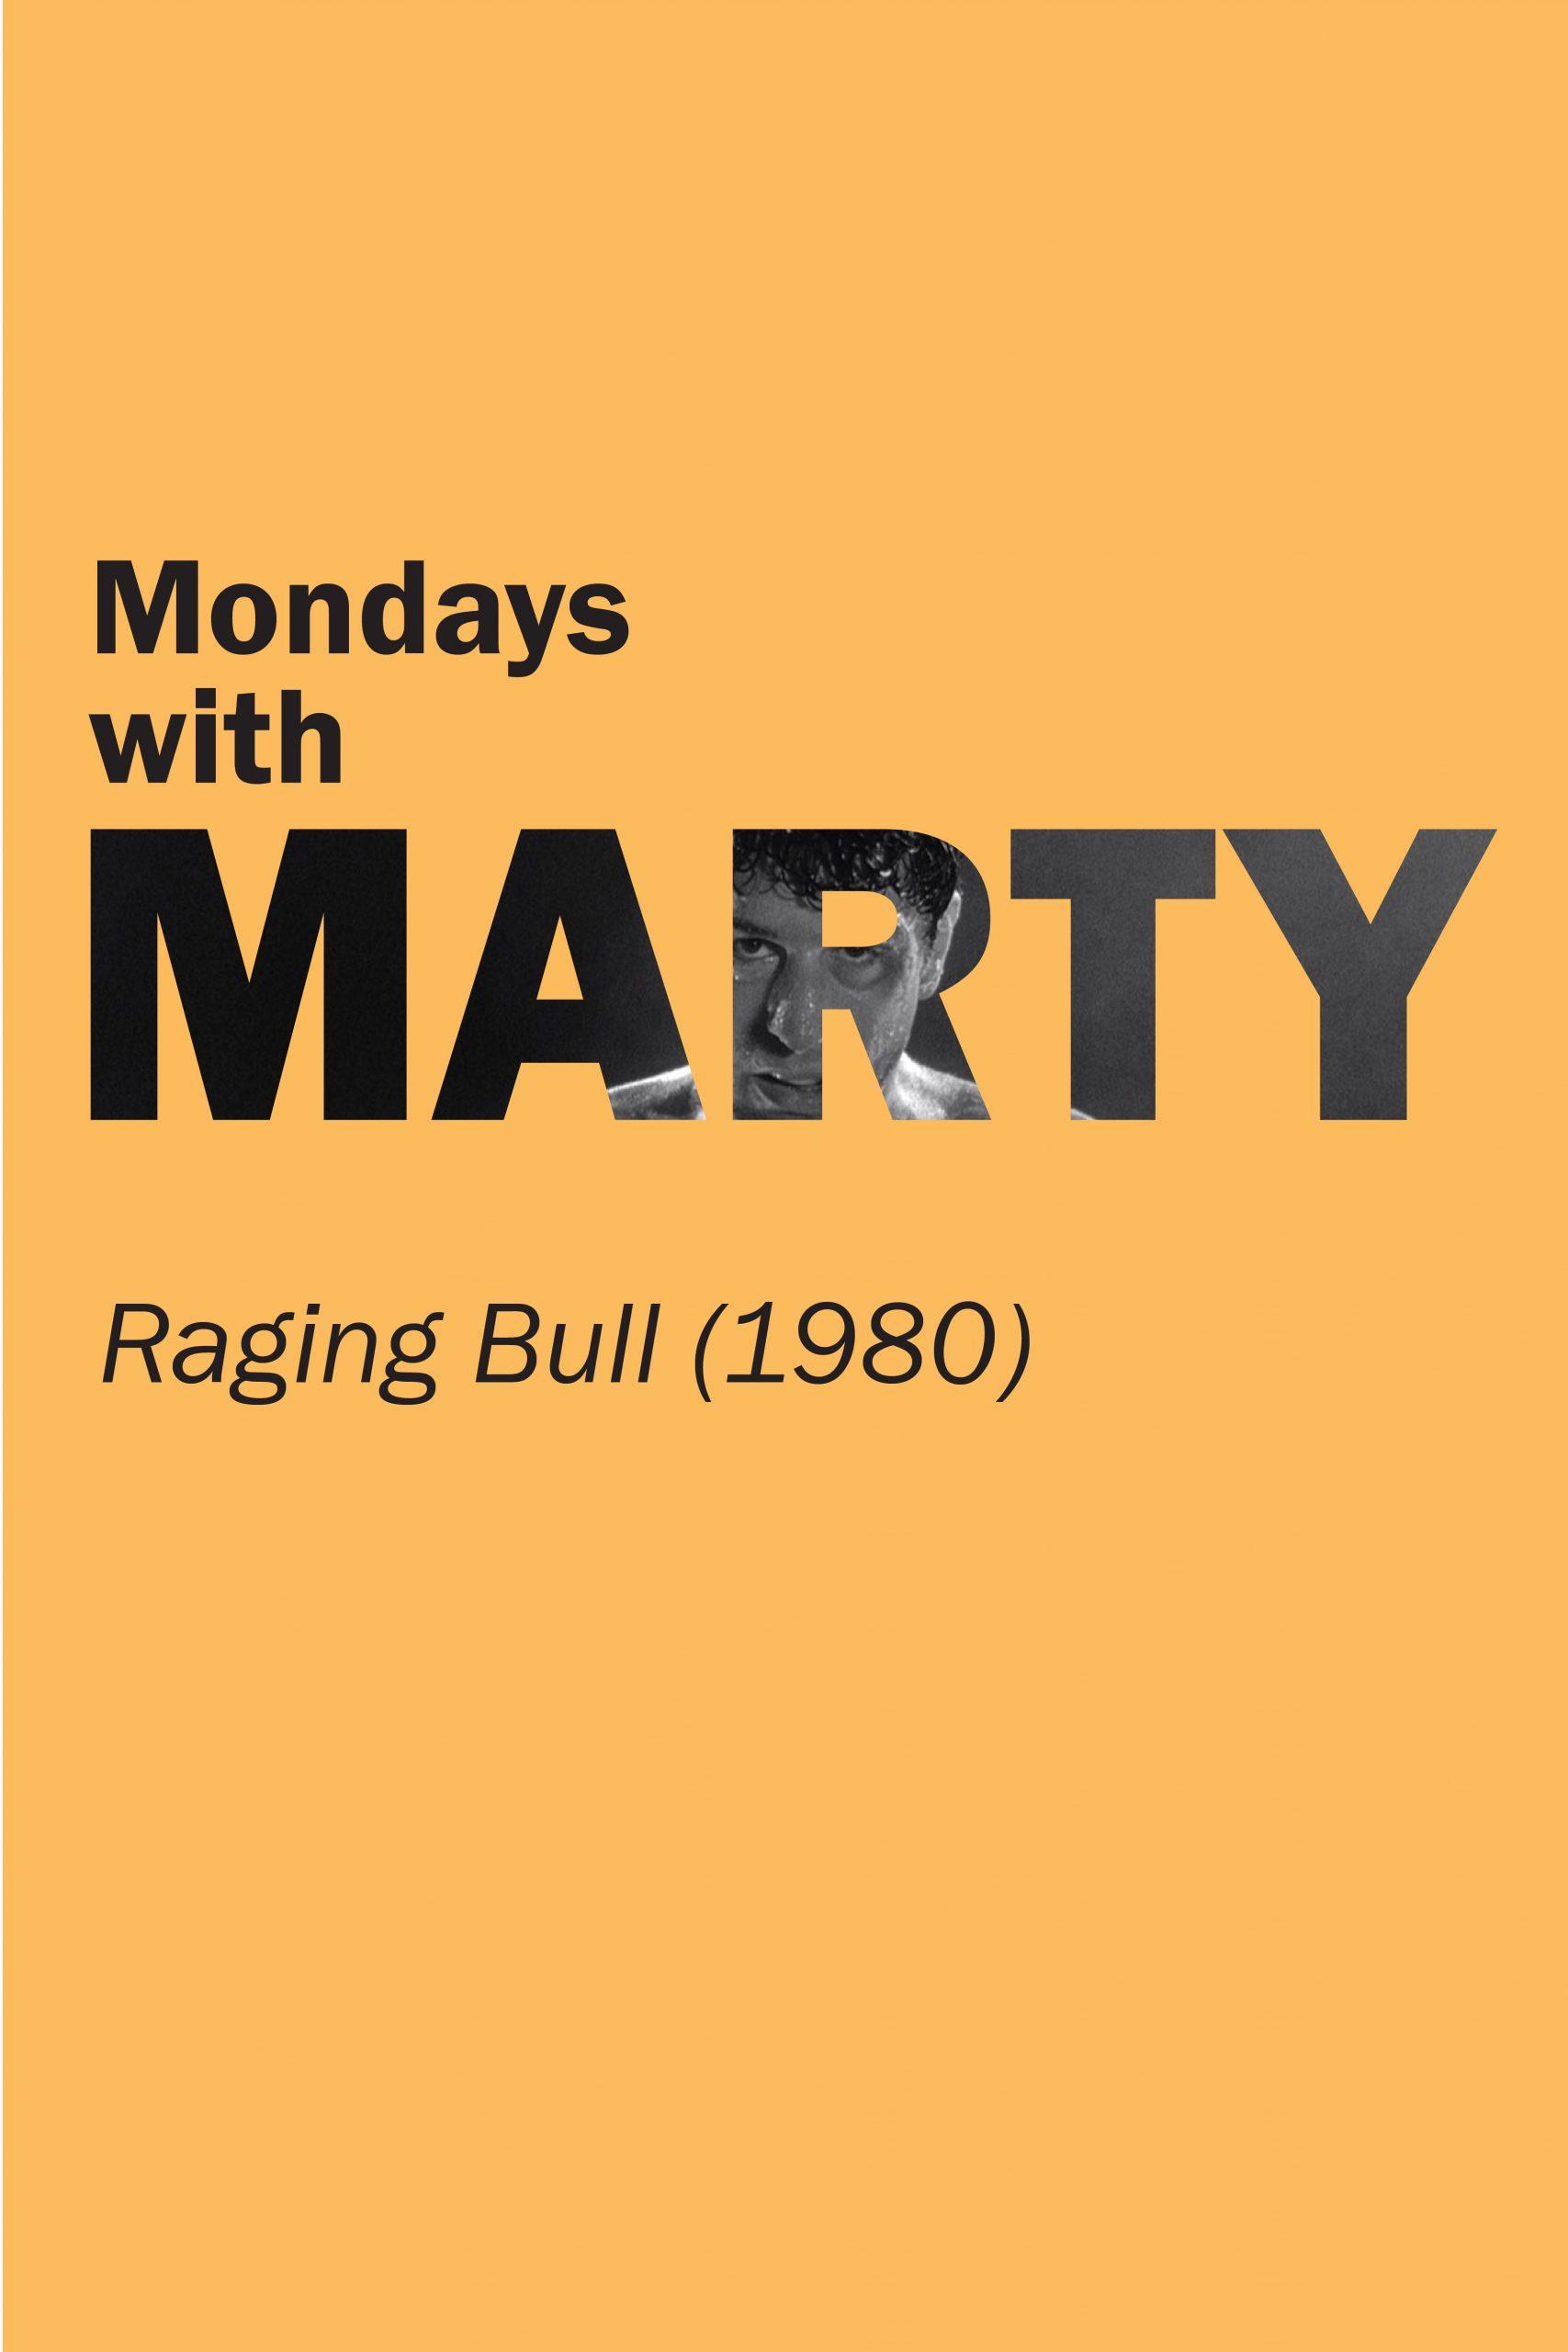 Poster for Raging Bull (1980)